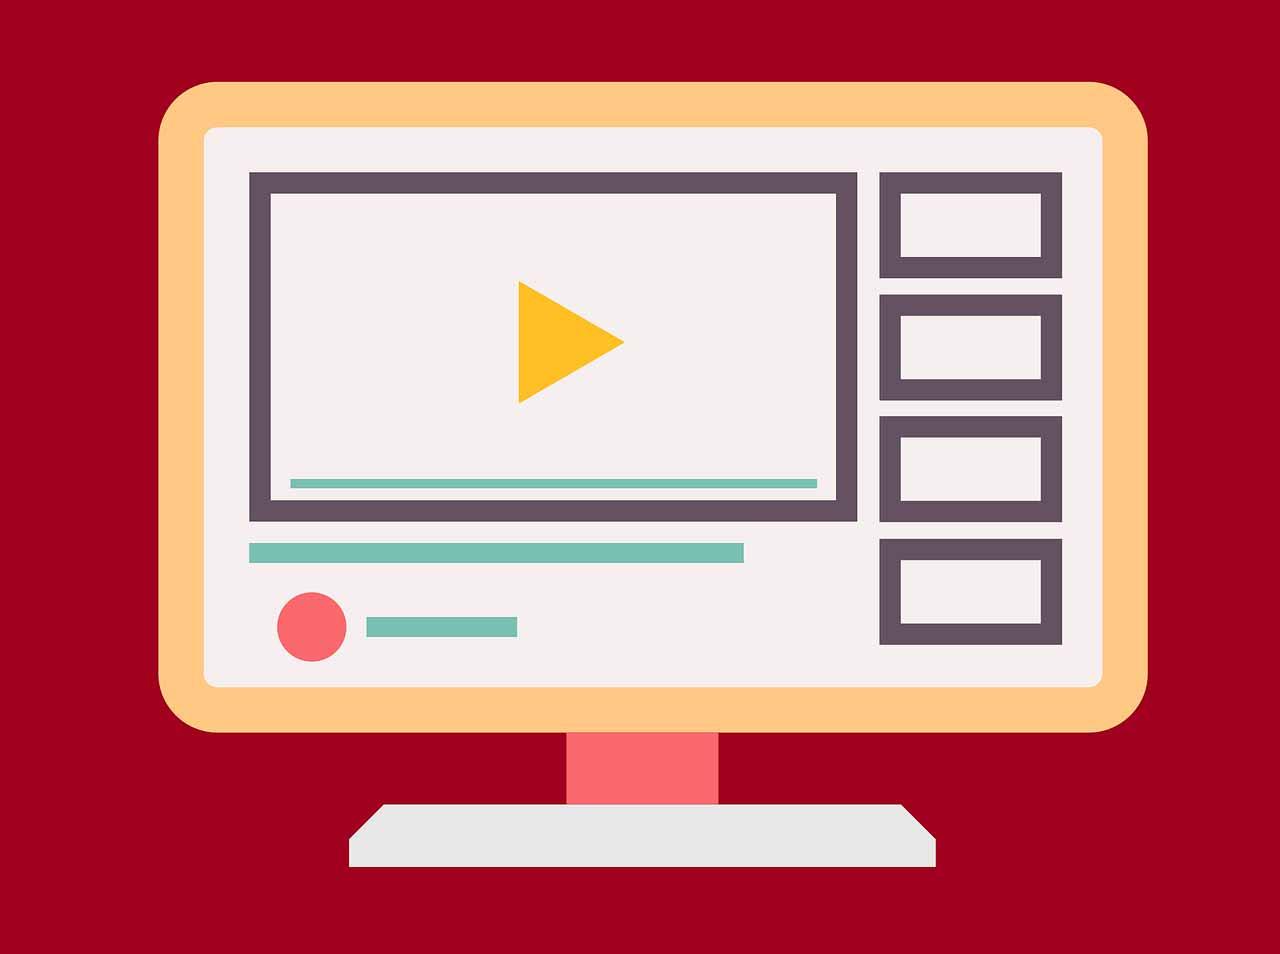 Une illustration représentant un site de vidéos populaire